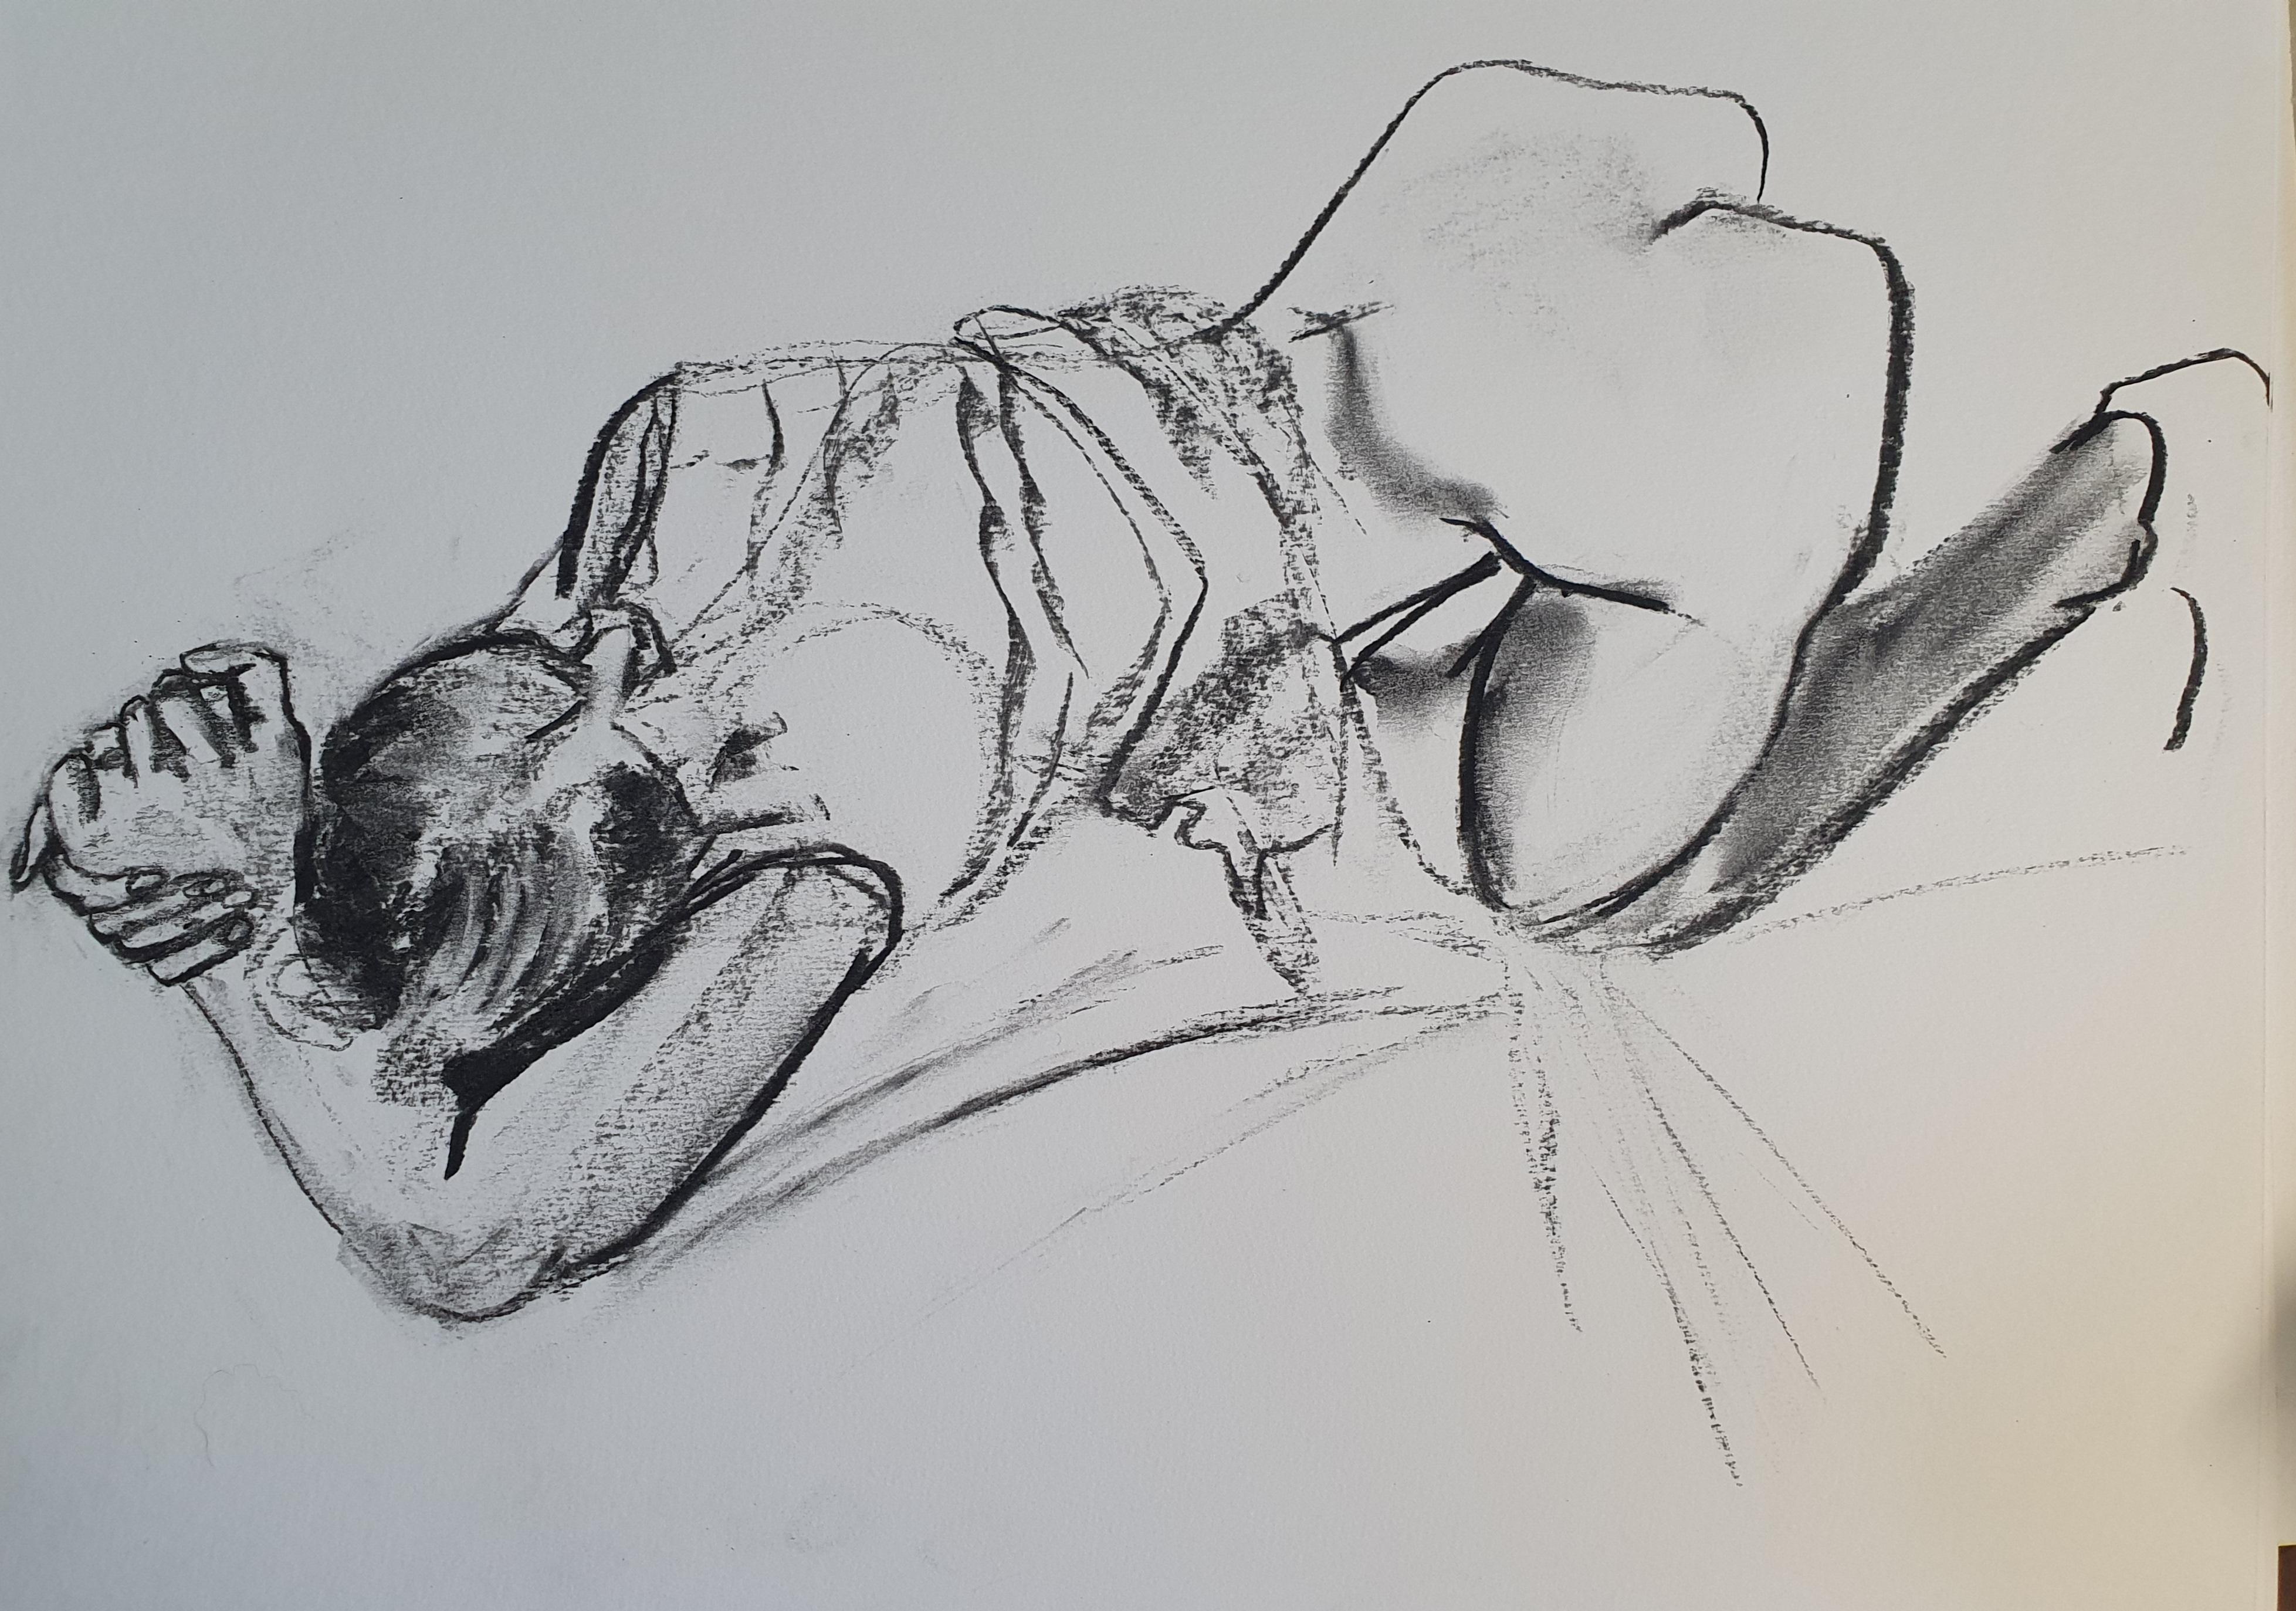 Esquisse fusain carbone inspiration  egon schiele  cours de dessin